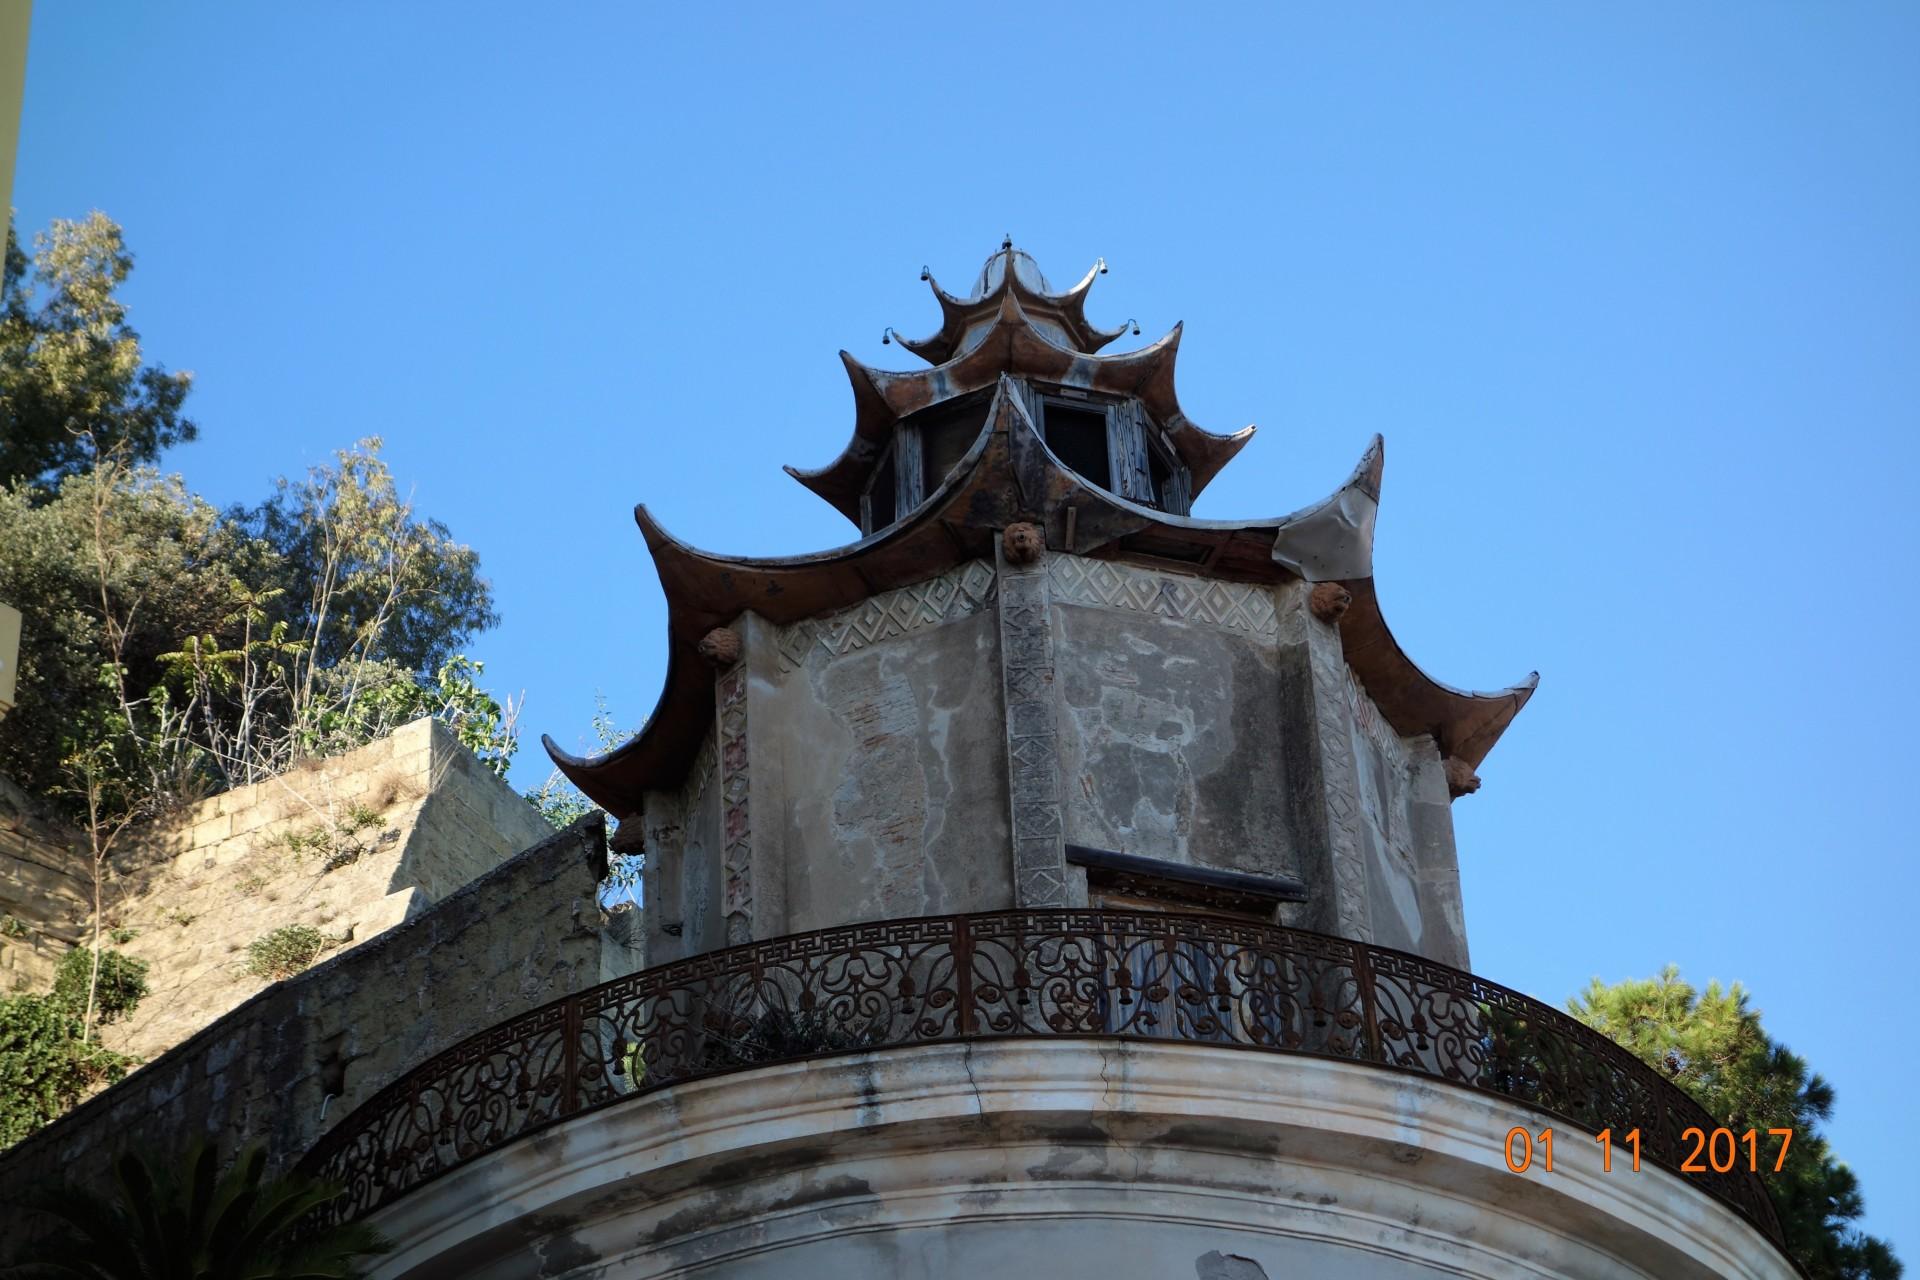 Chinesisch inspirierter Gartenpavillon, Posillipo